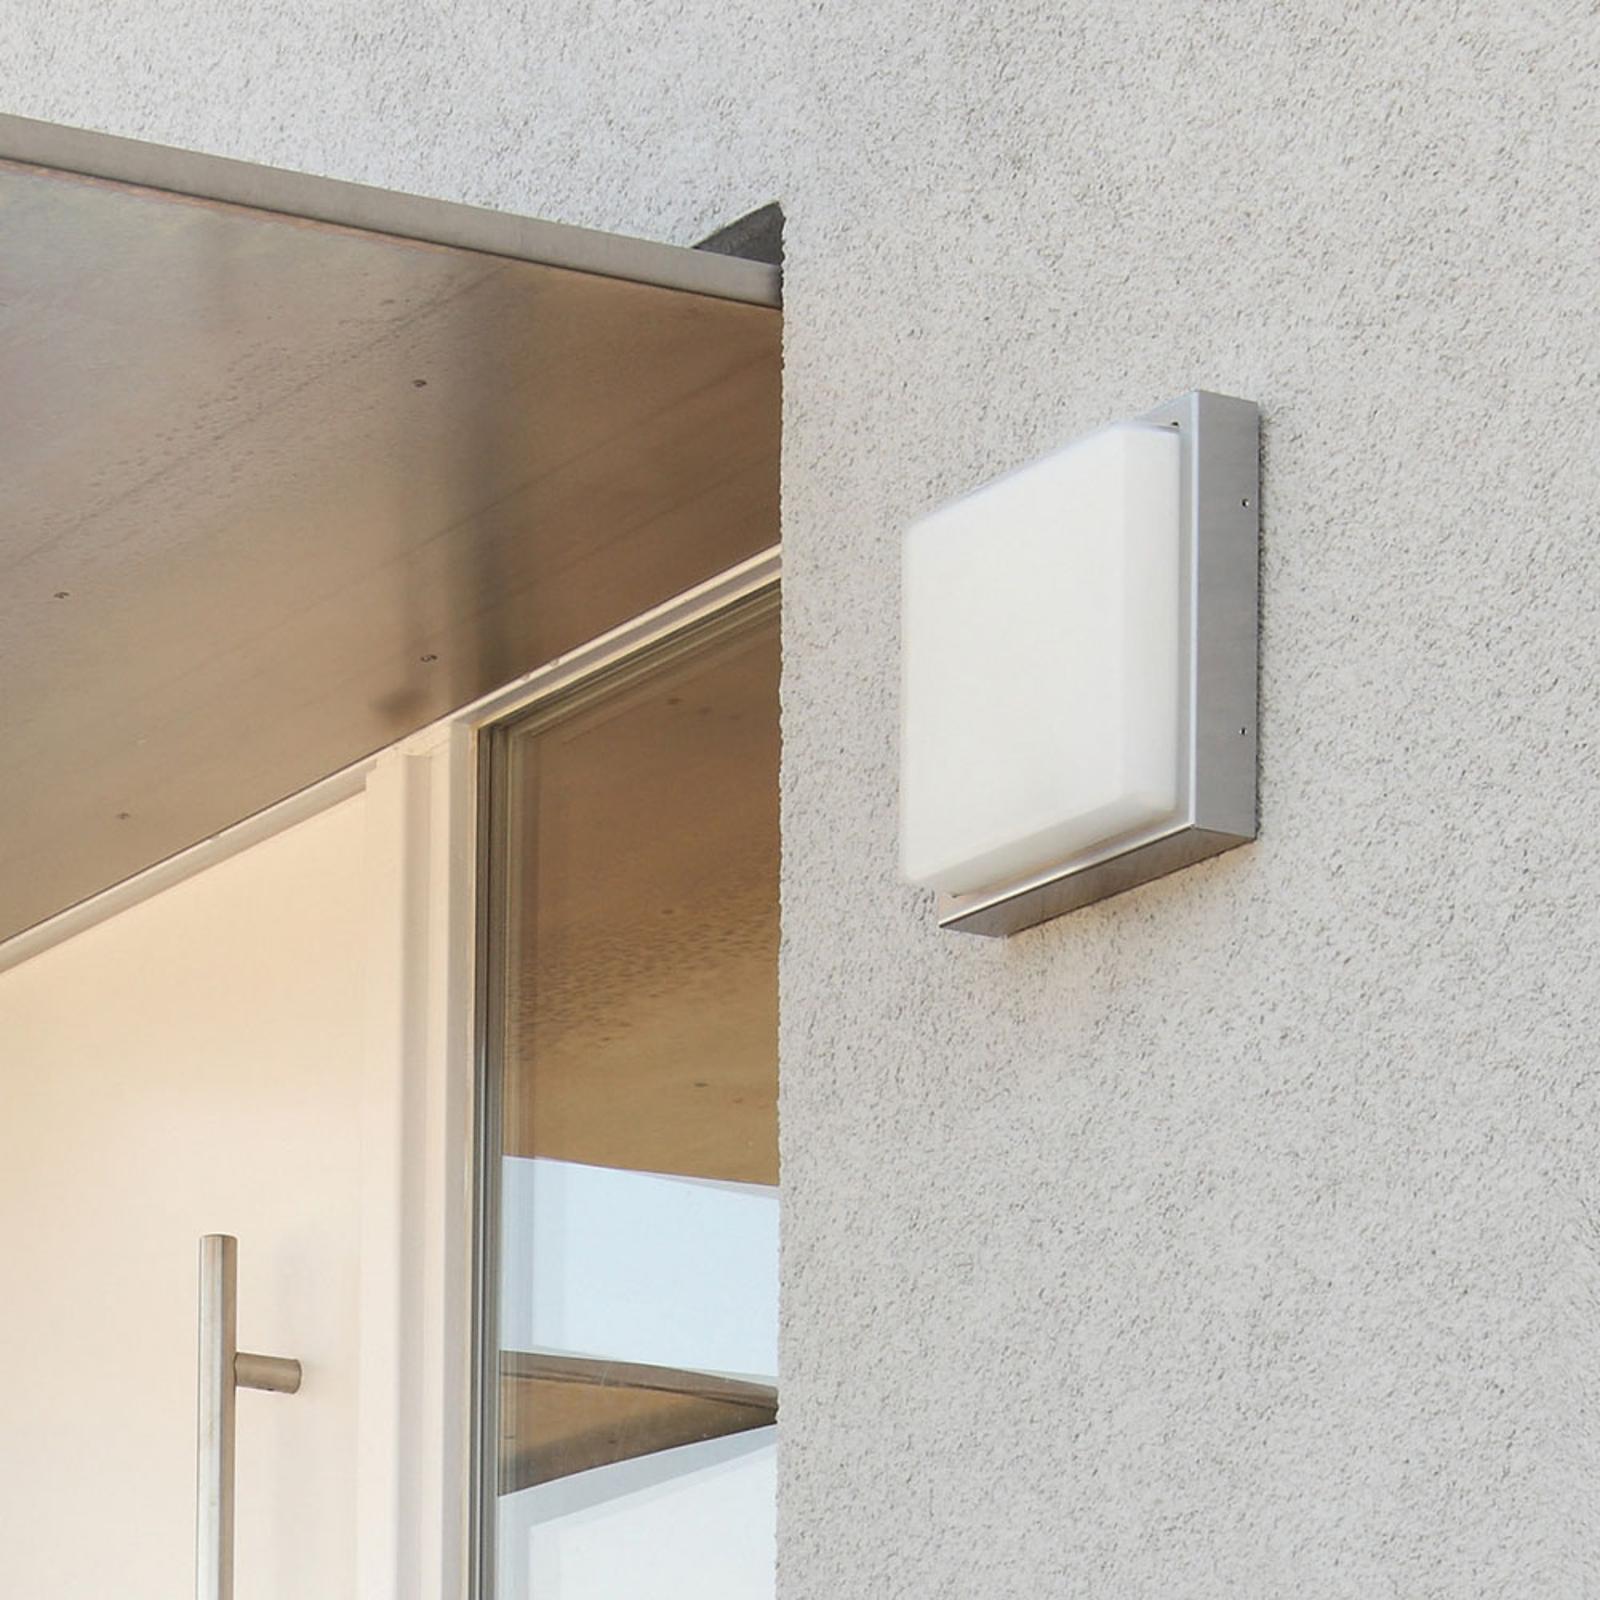 Applique d'extérieur LED 046, acier inoxydable